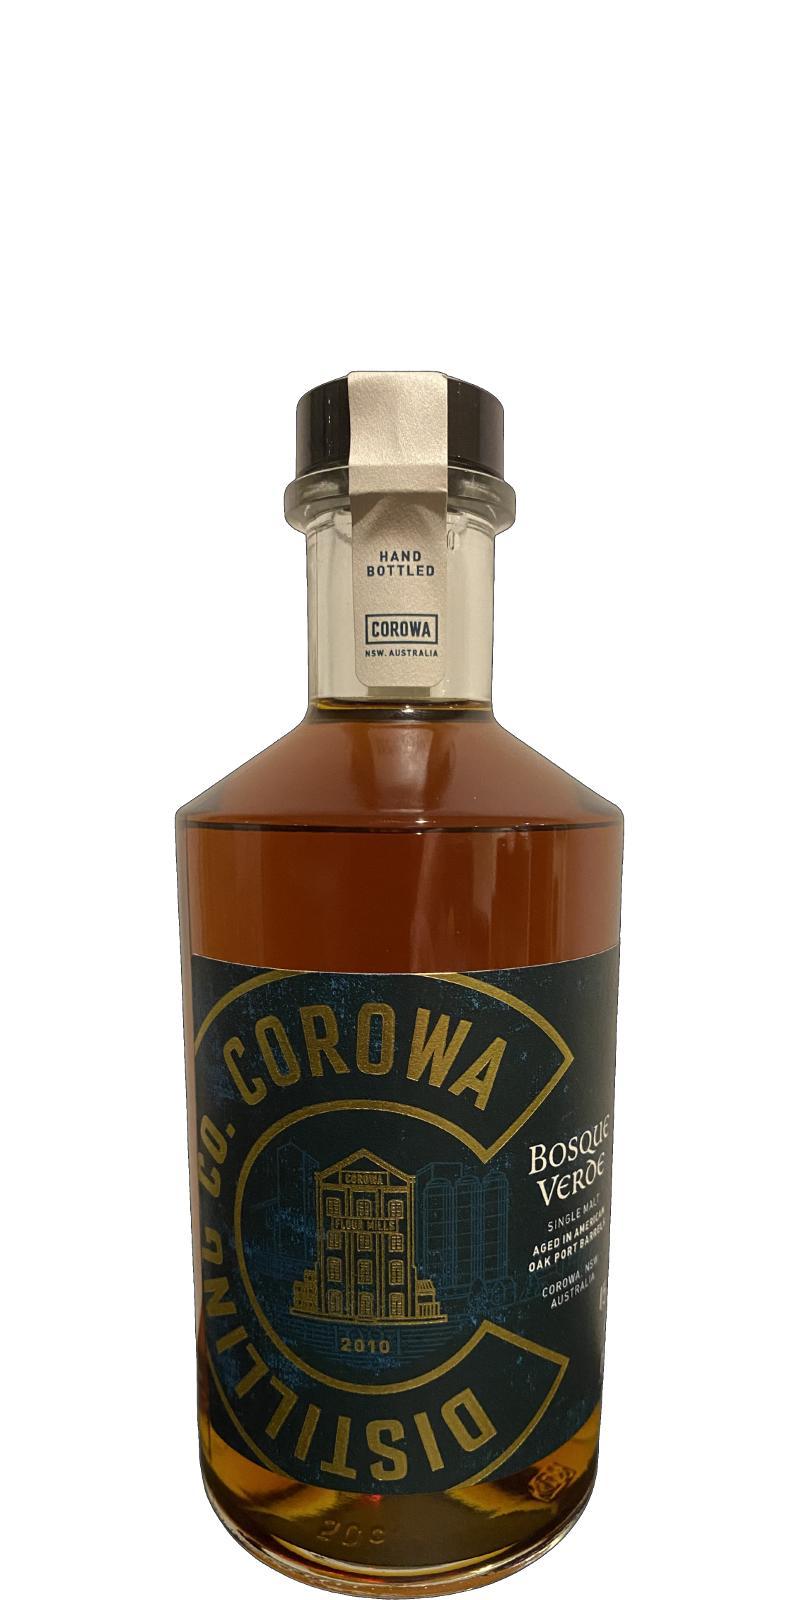 Corowa Distilling Co. Bosque Verde